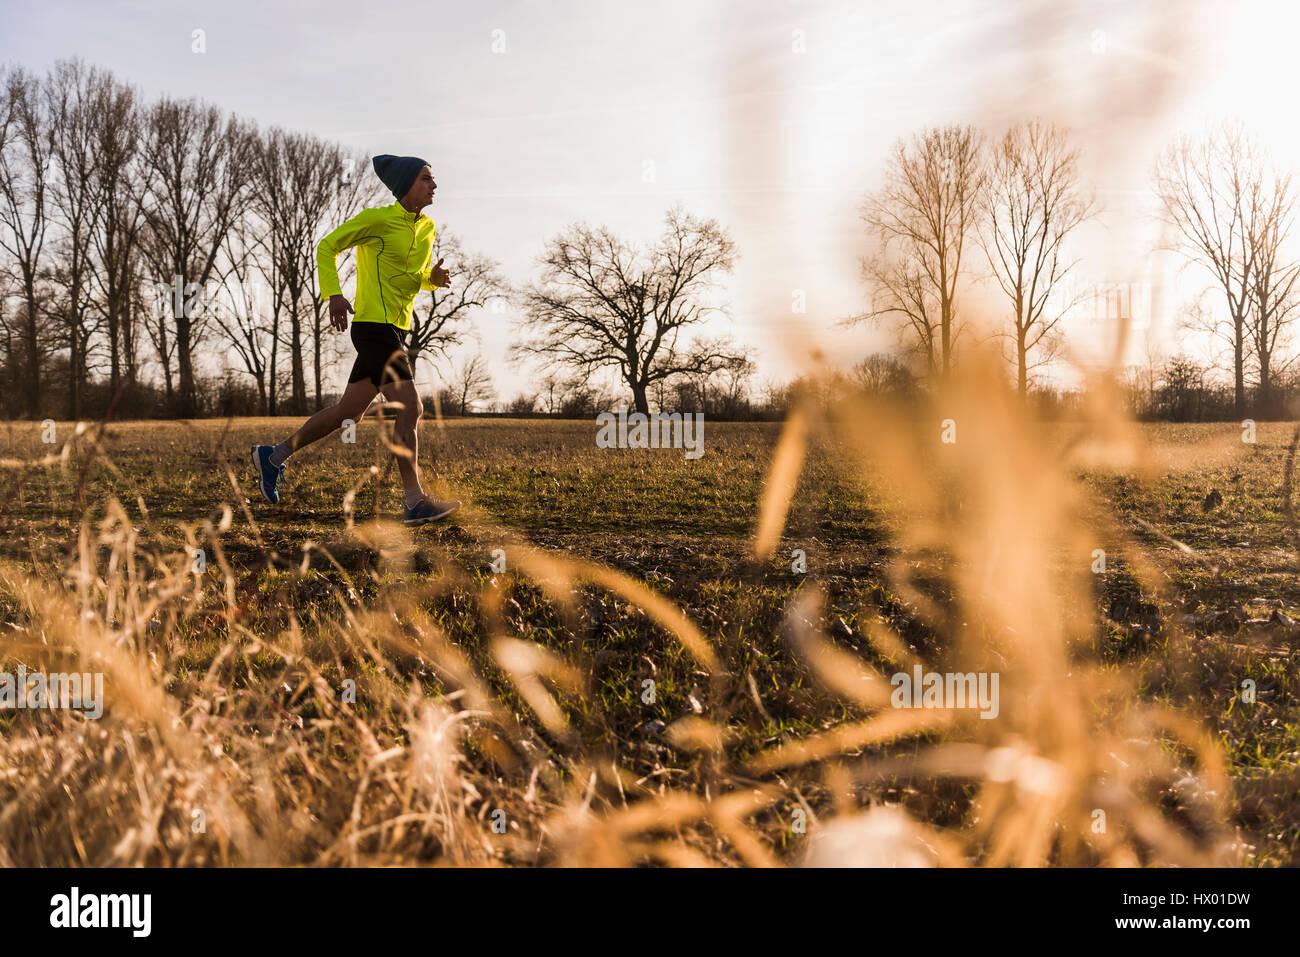 Uomo che corre nel paesaggio rurale Immagini Stock